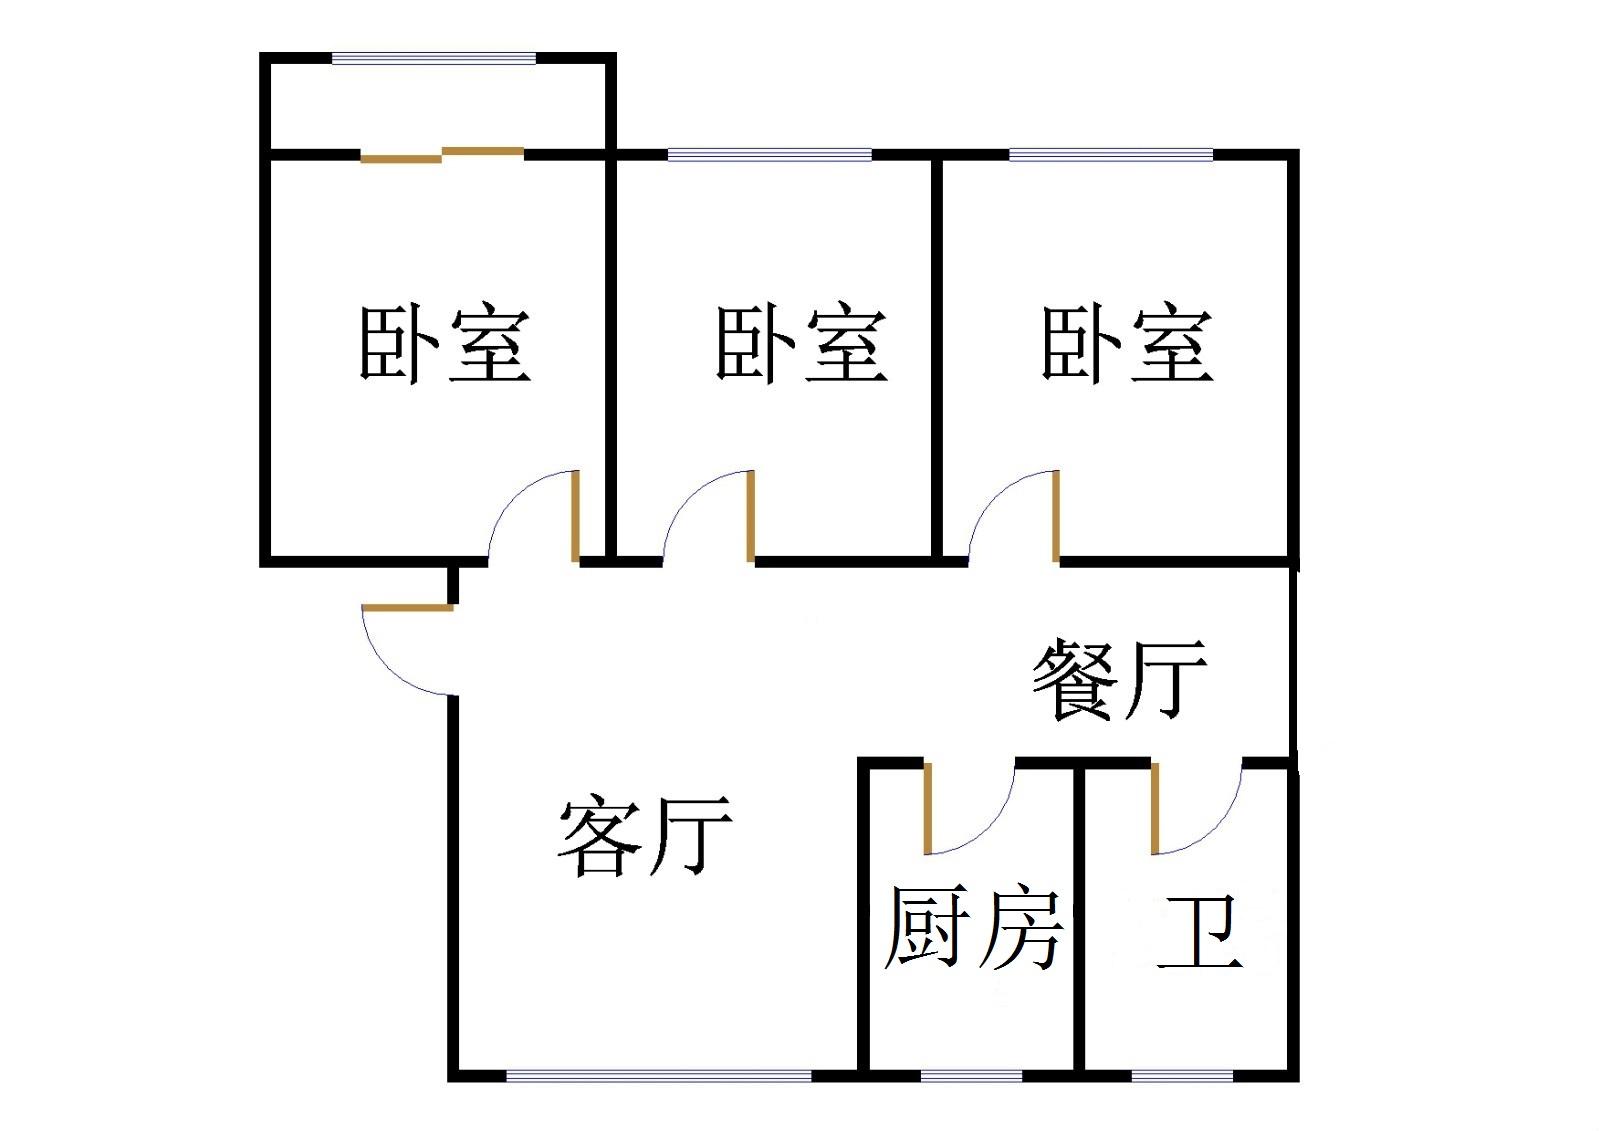 刁李贵小区 3室2厅 5楼